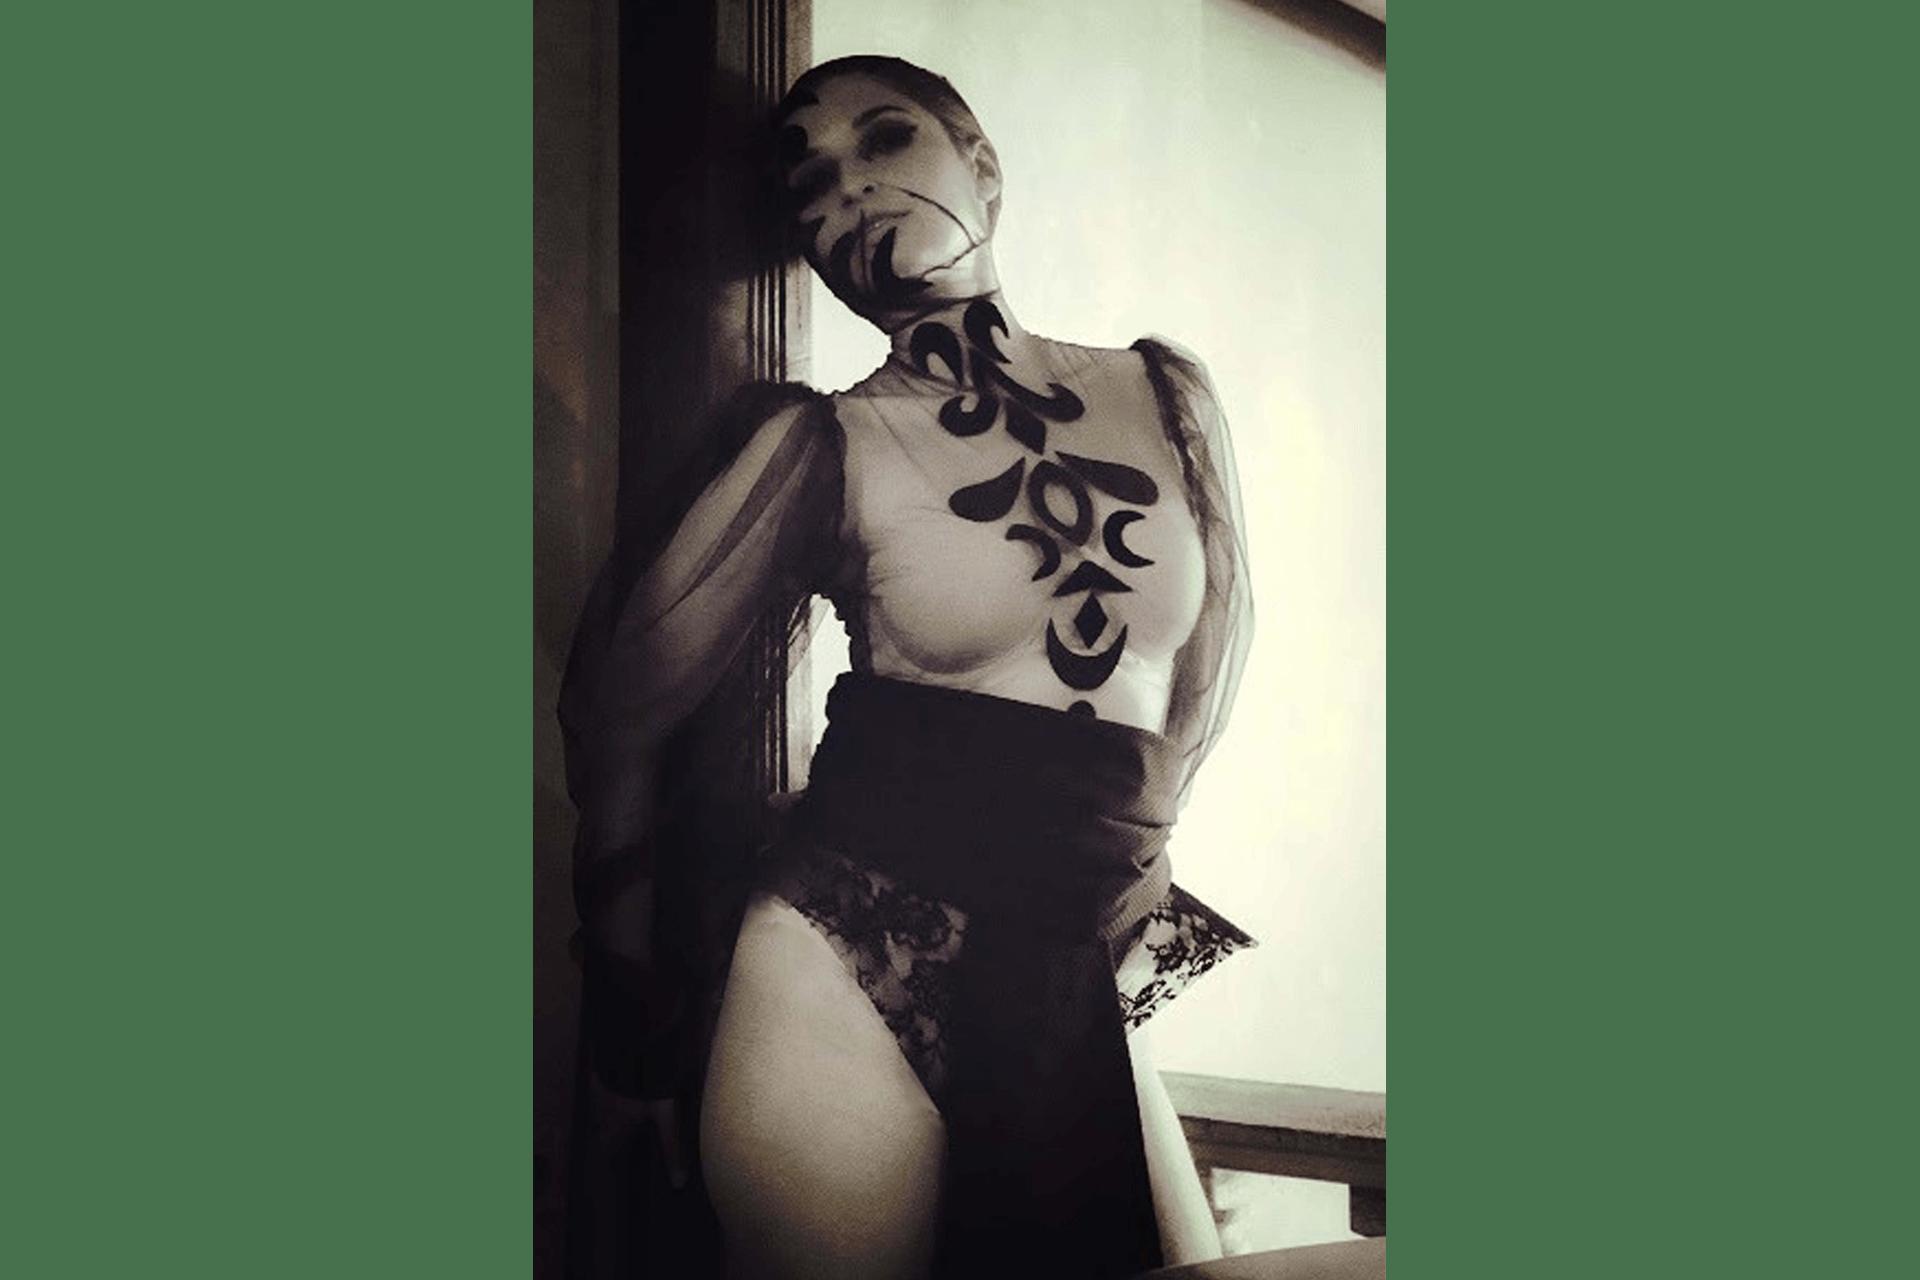 Dana. Tayyar